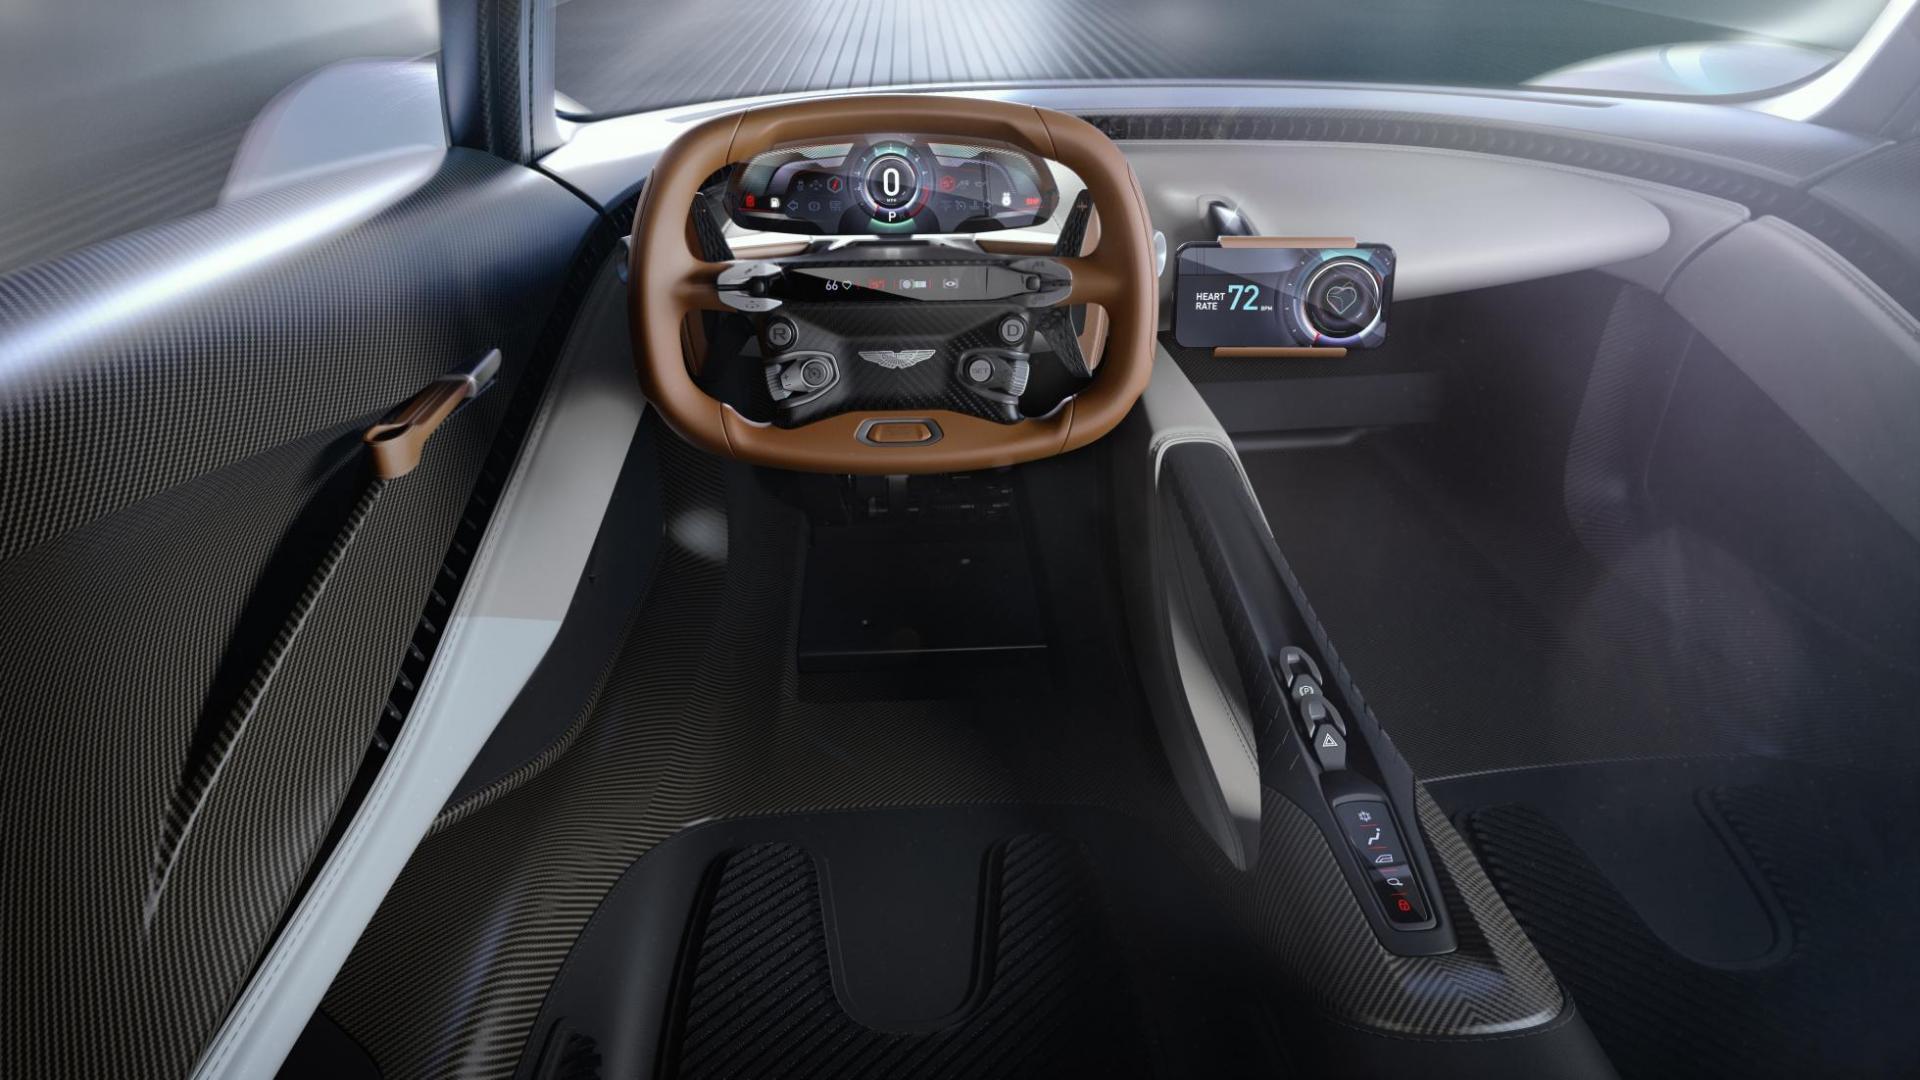 Aston Martin RB 003 dashboard